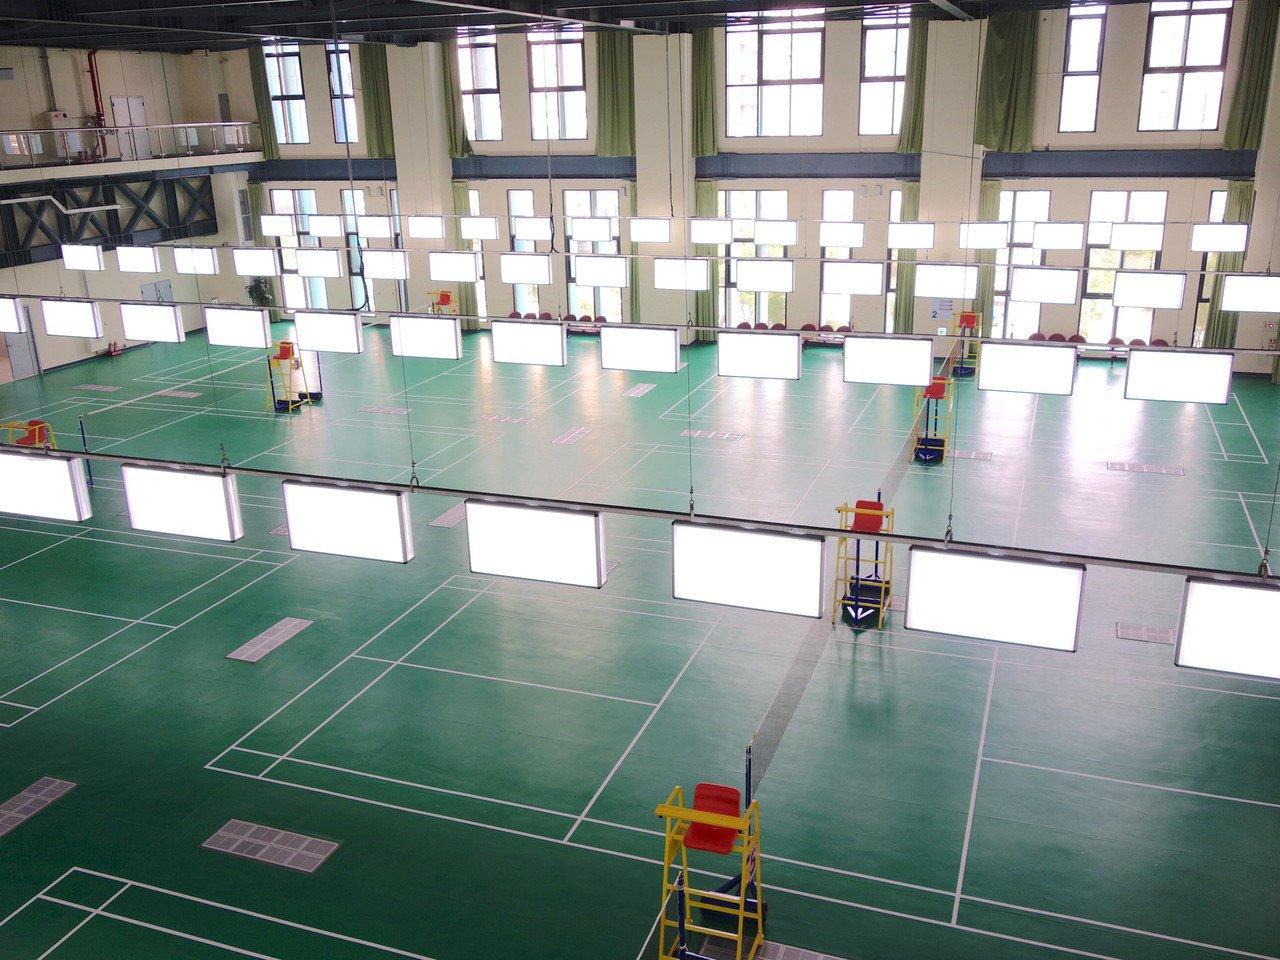 二樓設有八面羽球場,採挑高設計。記者郭政芬/攝影